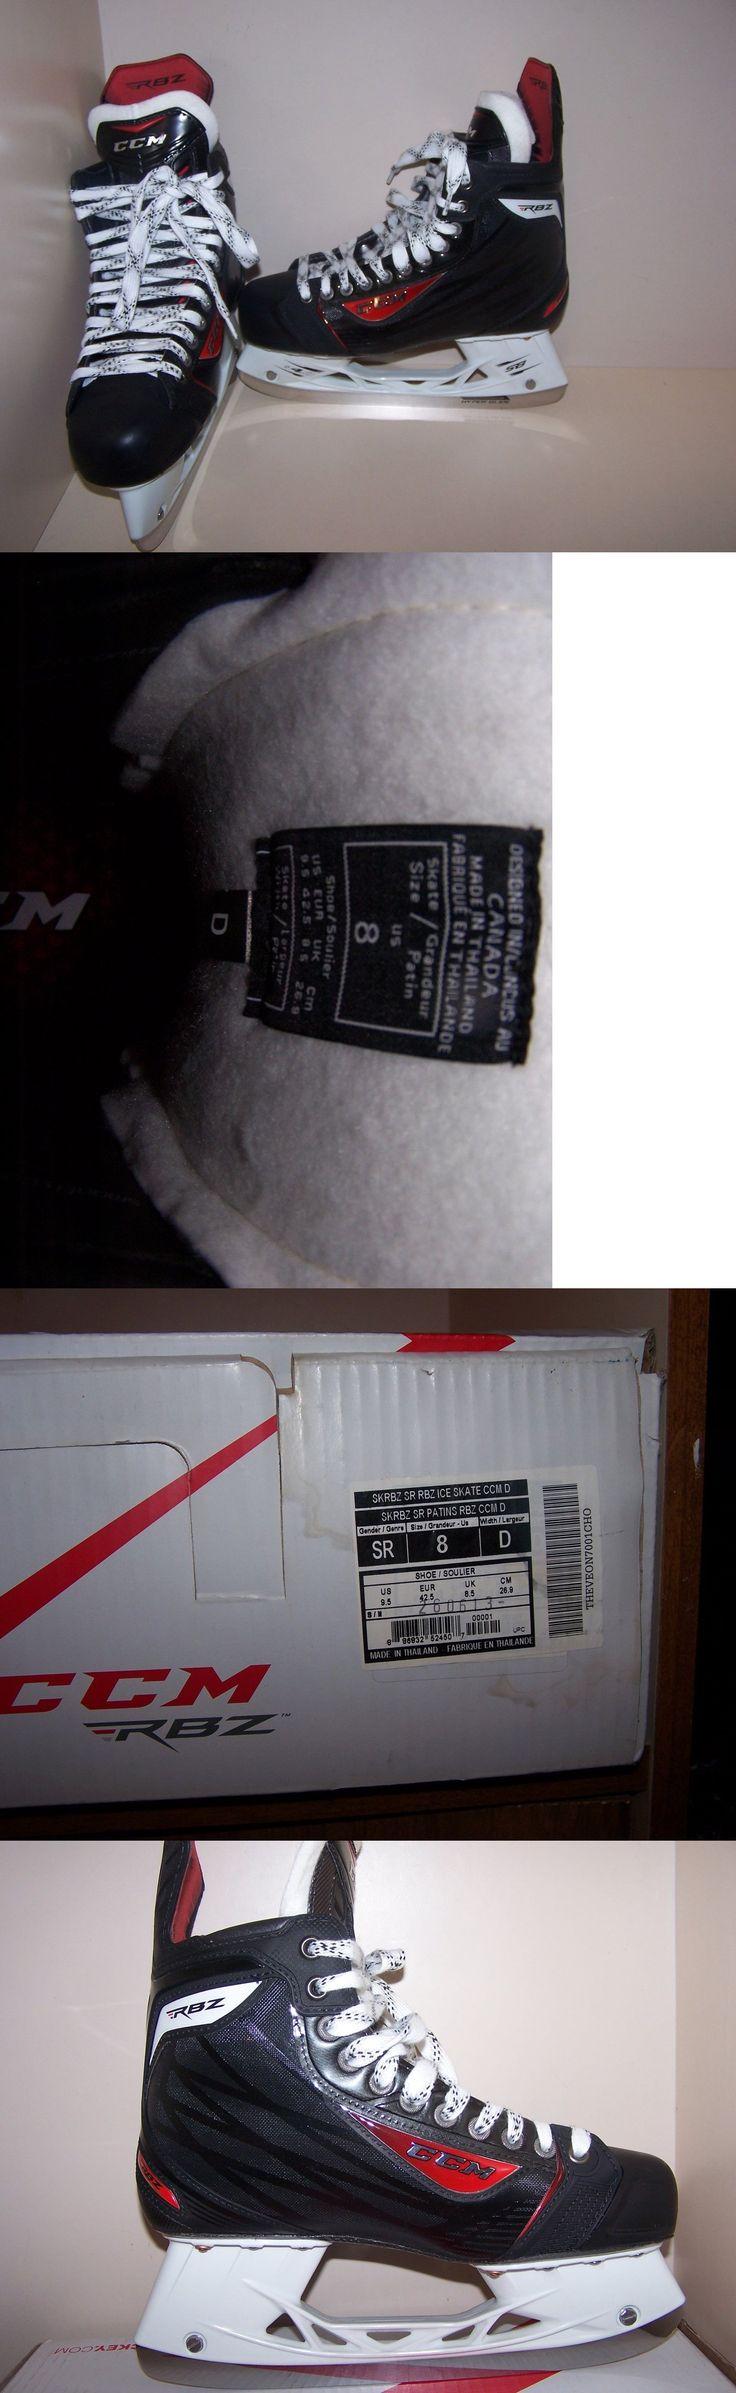 Ice Hockey-Adult 20858: Ccm New Rbz Hockey Skates Size 8 D -> BUY IT NOW ONLY: $350 on eBay!